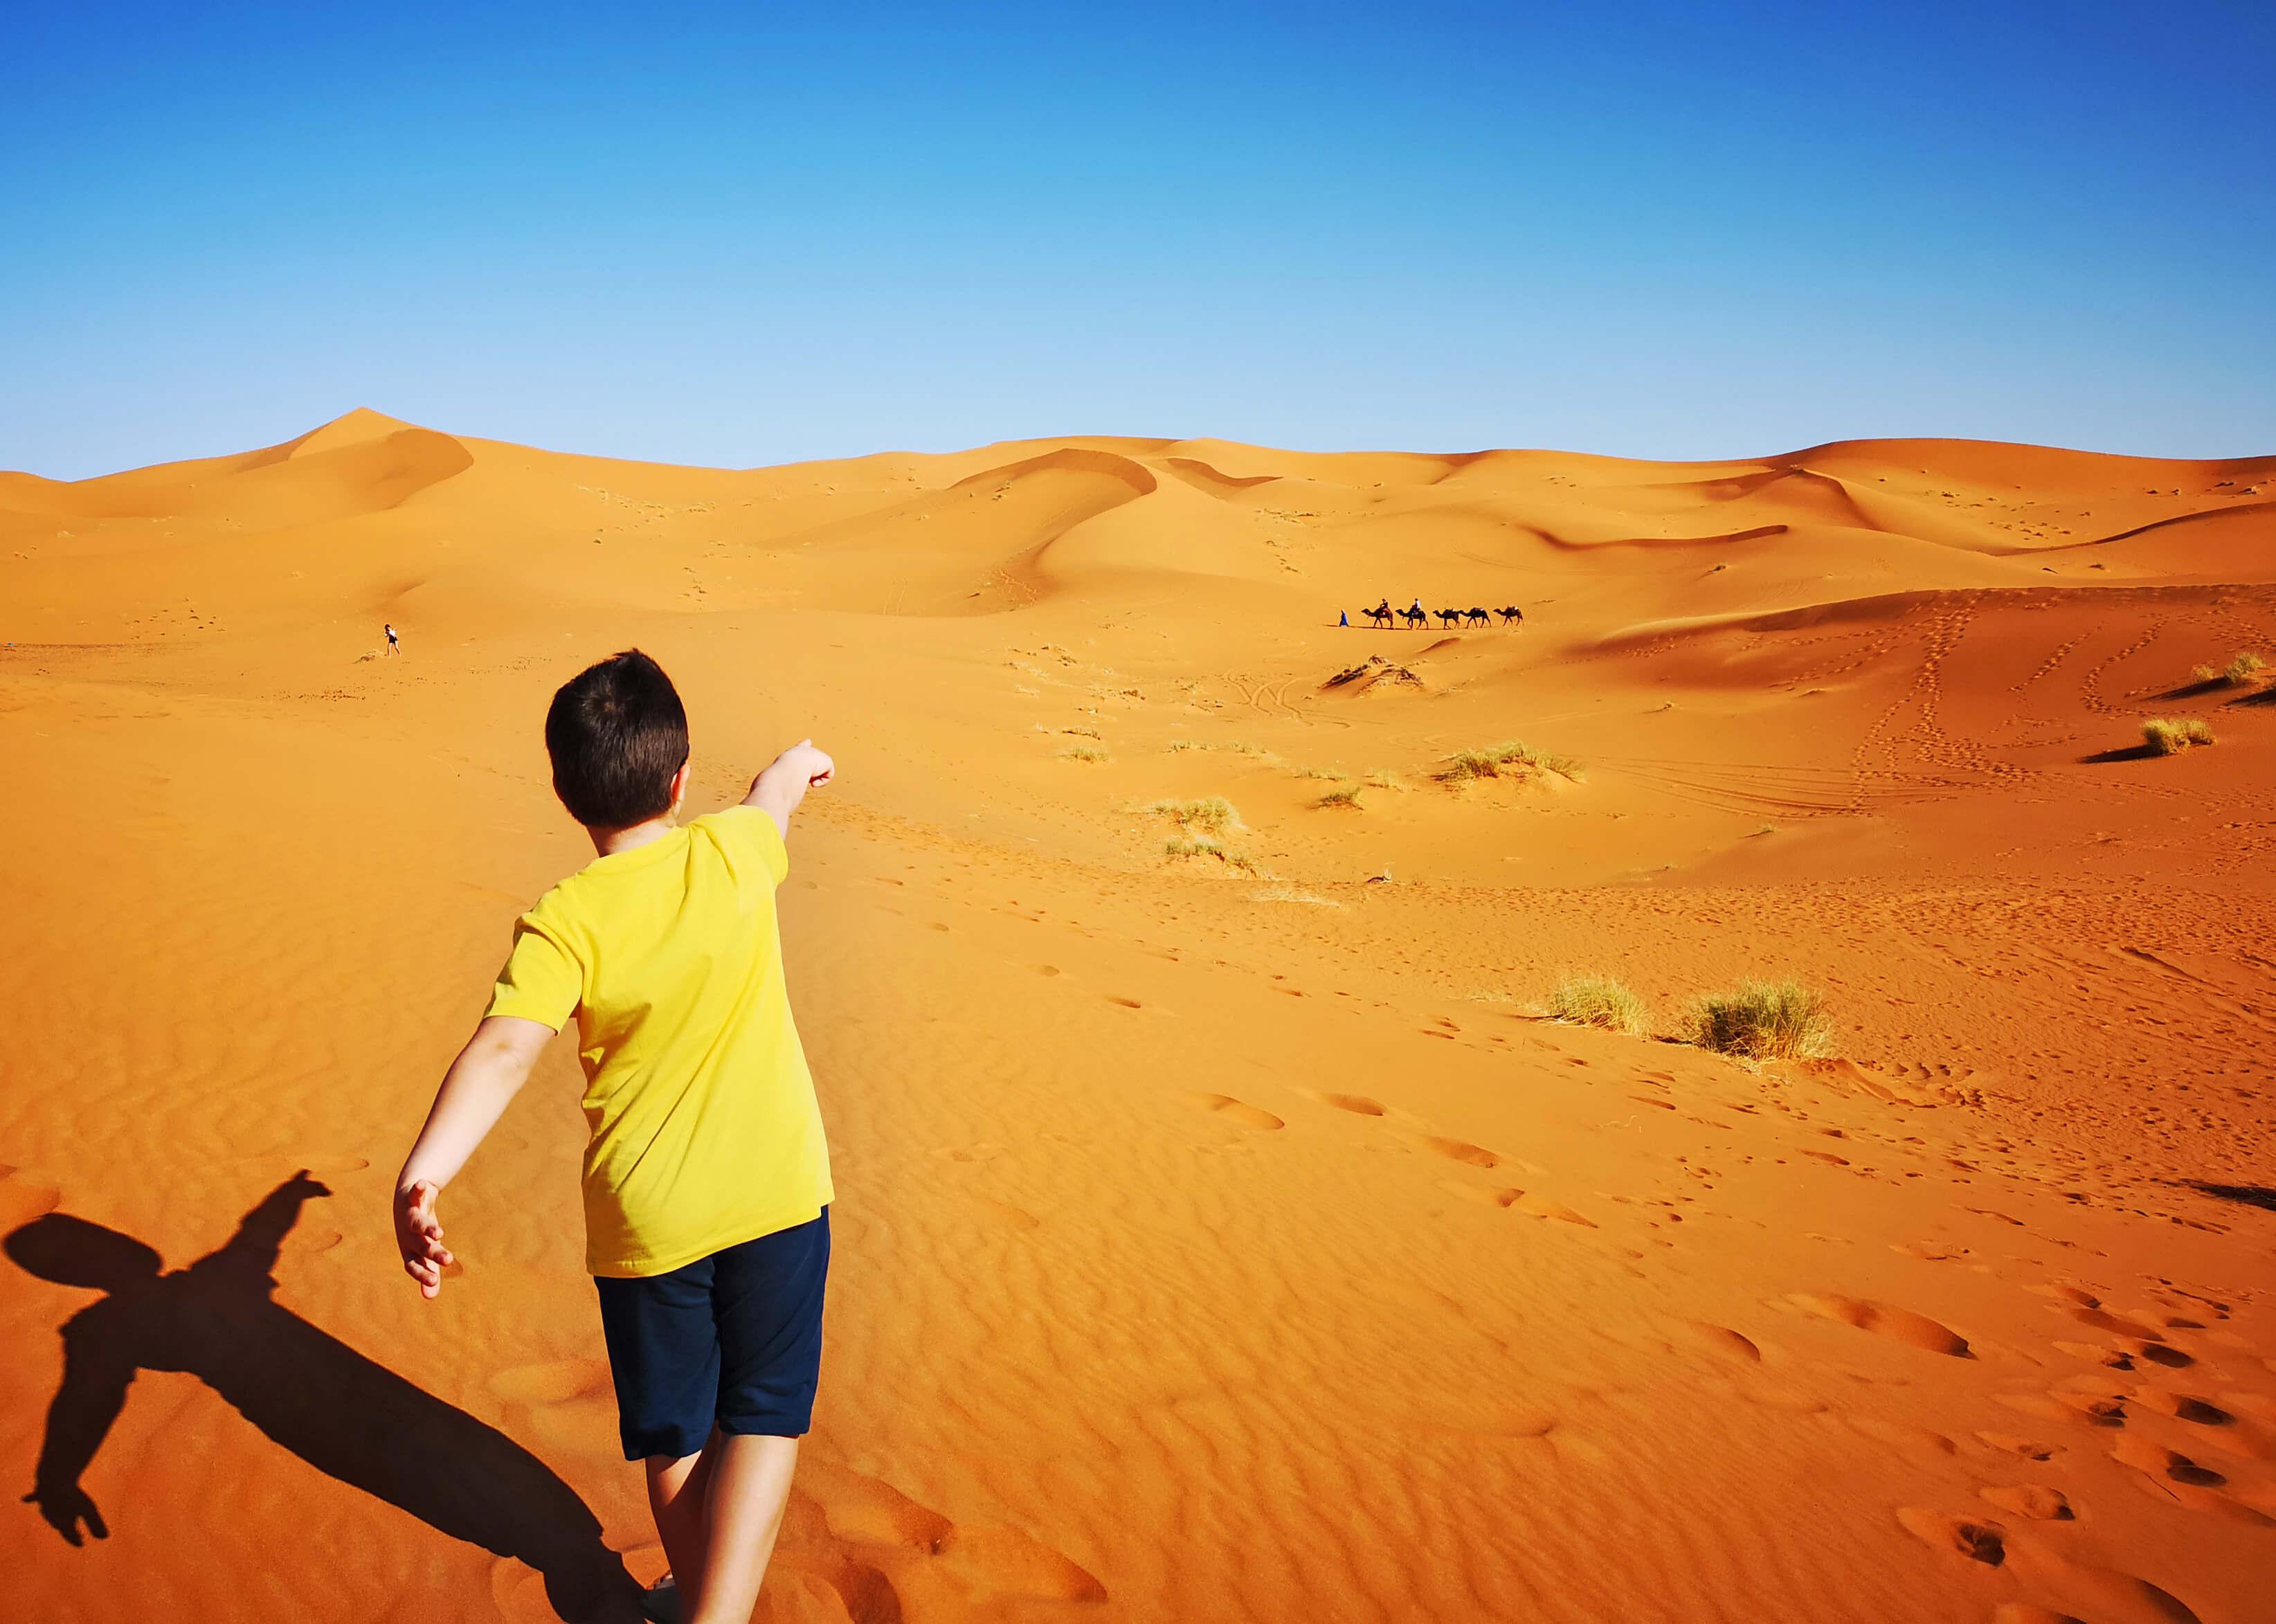 allarremviaggio_viaggiare_con_bambini_marocco_deserto